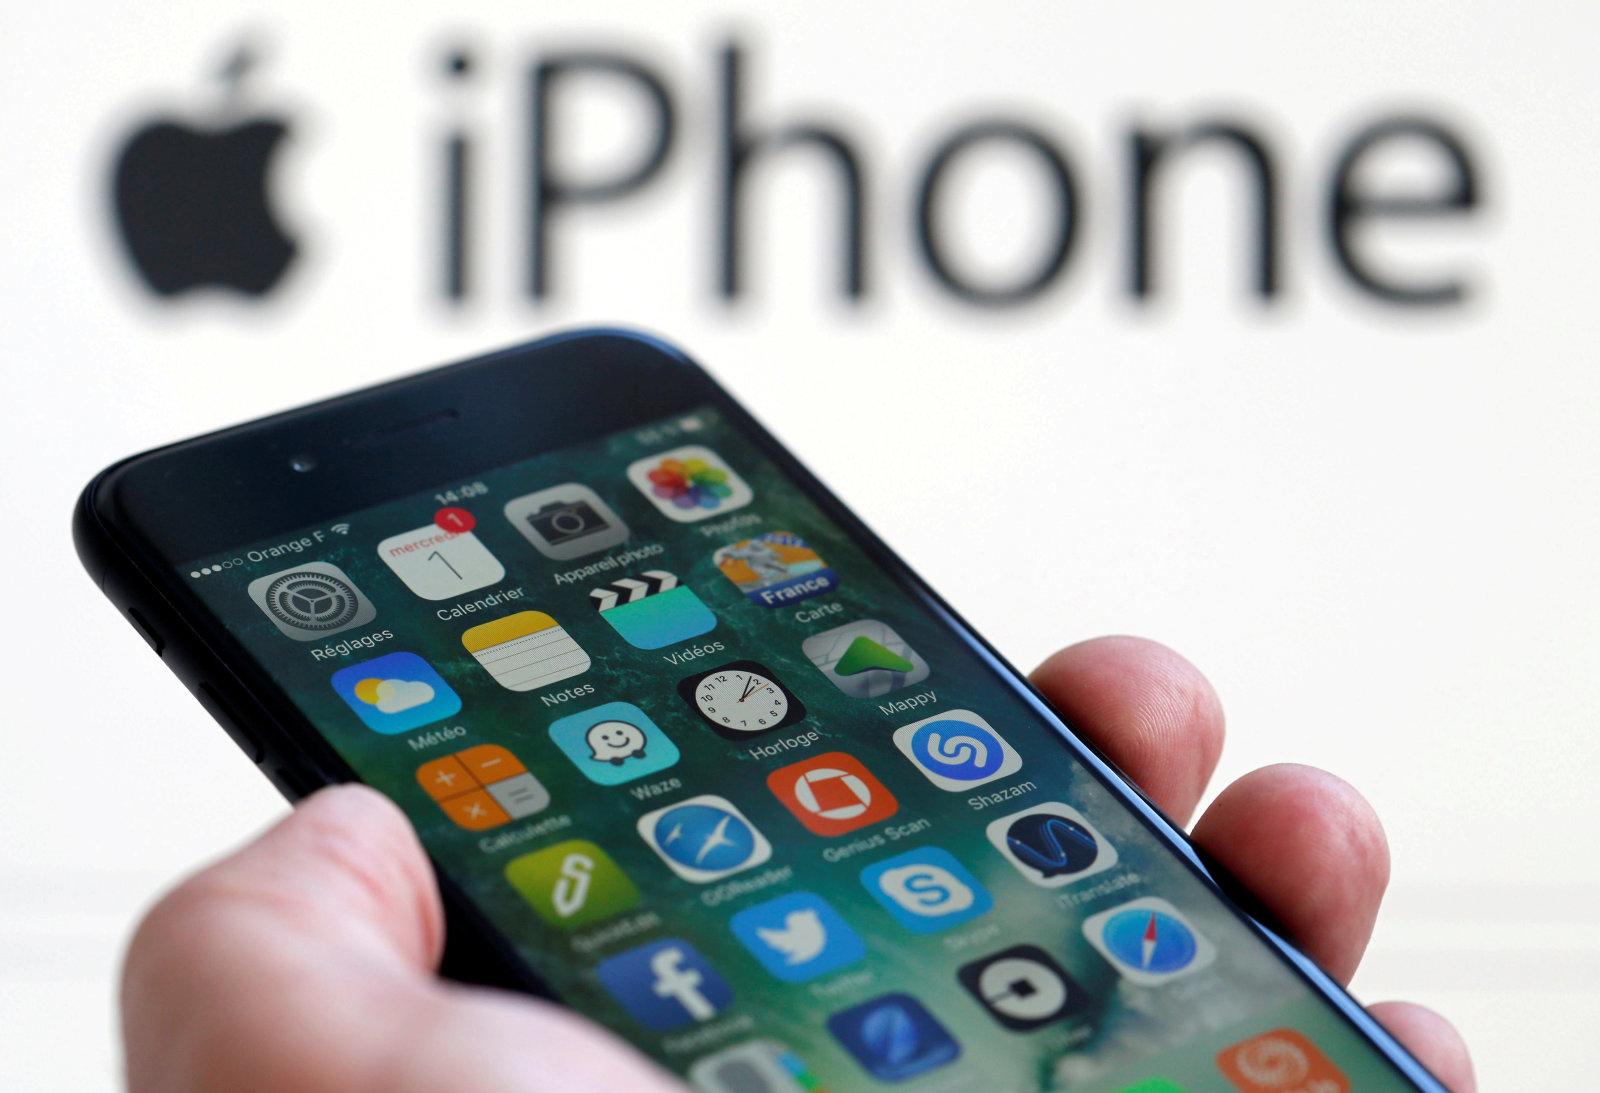 Az Apple saját chipet fejlesztett az iPhone mesterséges intelligenciájának kezelésére?